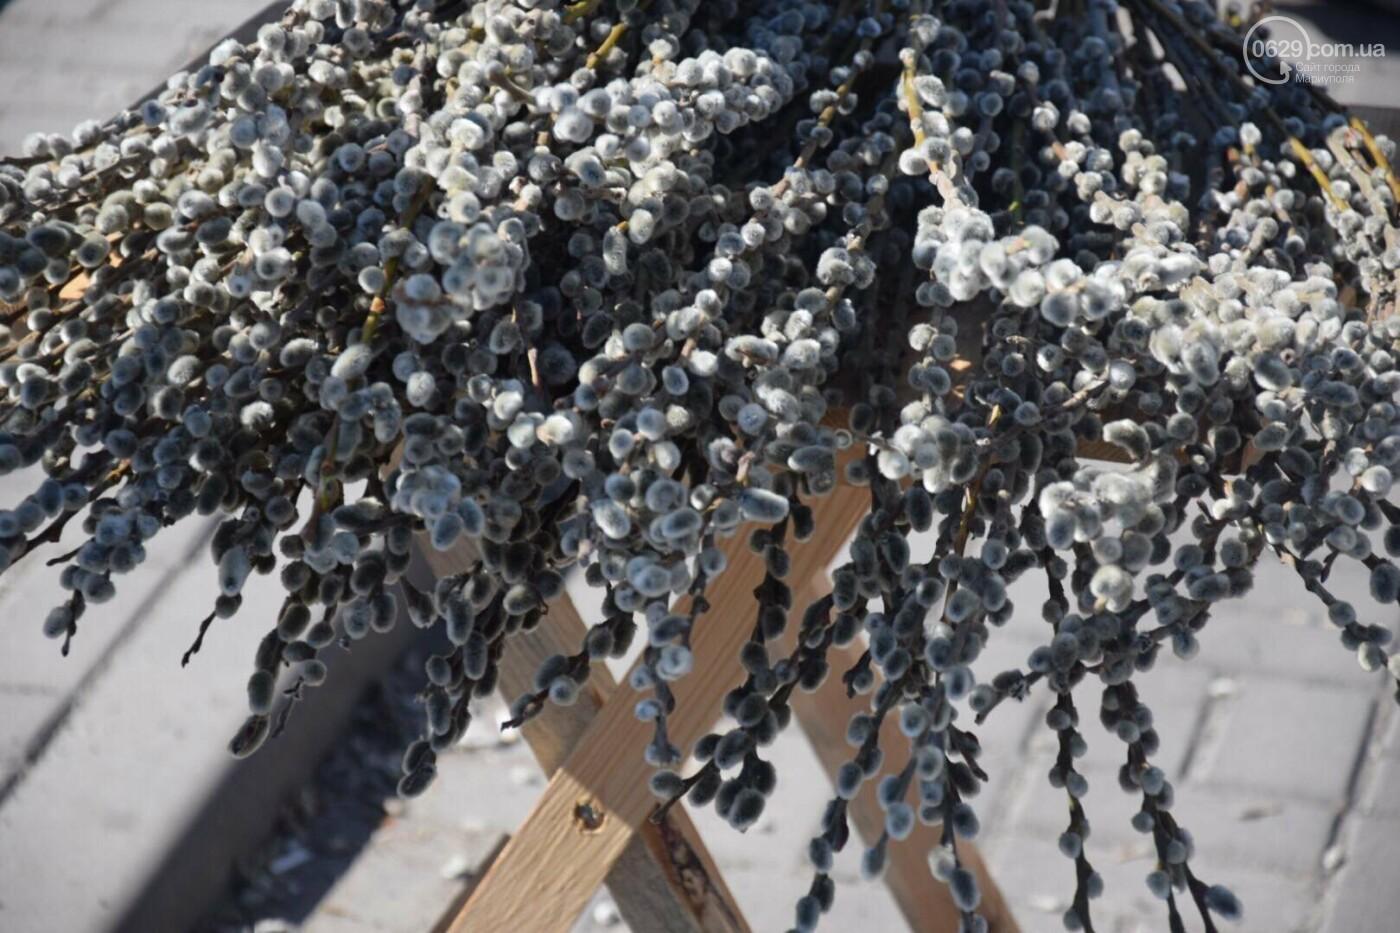 Выборы и верба: как Мариуполь празднует православный праздник, - ФОТОРЕПОРТАЖ, фото-1